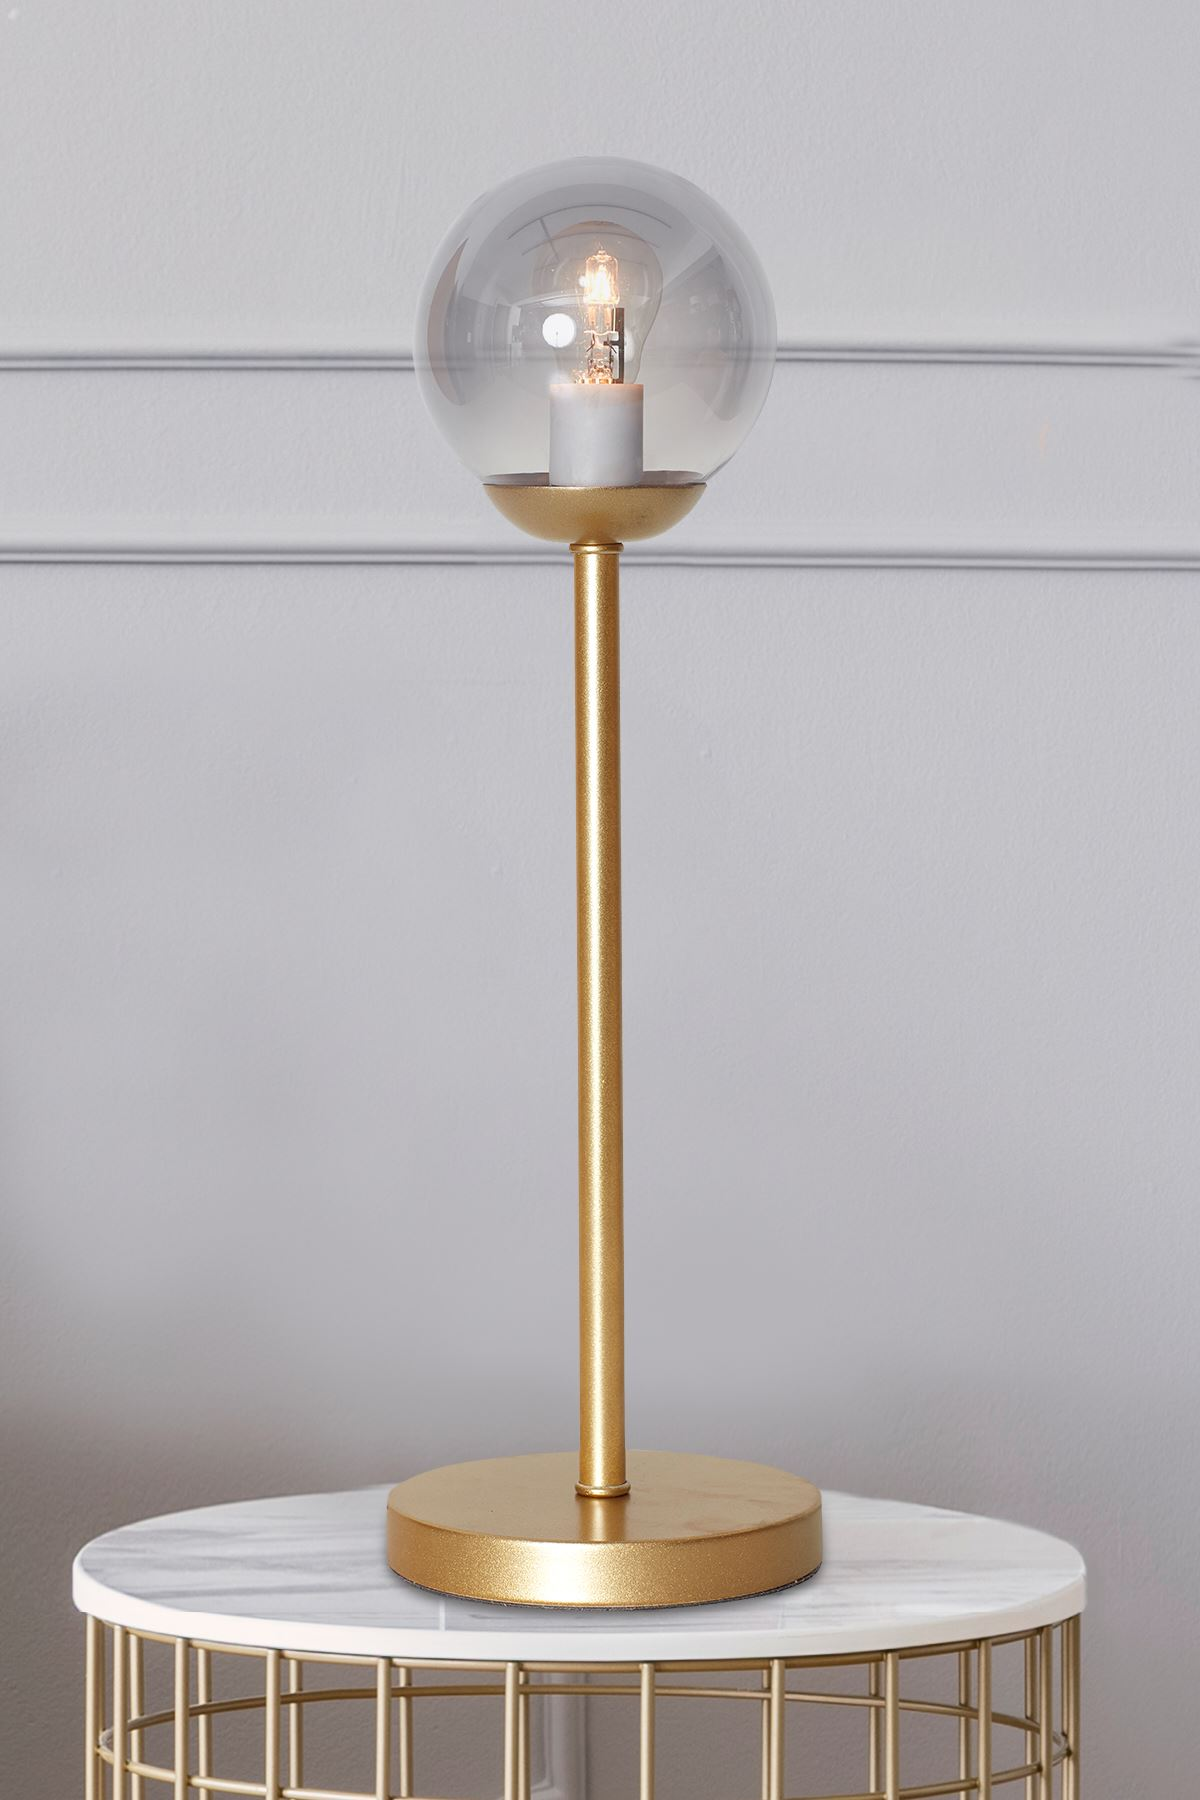 Glob Sarı Metal Gövde Füme Camlı Tasarım Lüx Masa Lambası